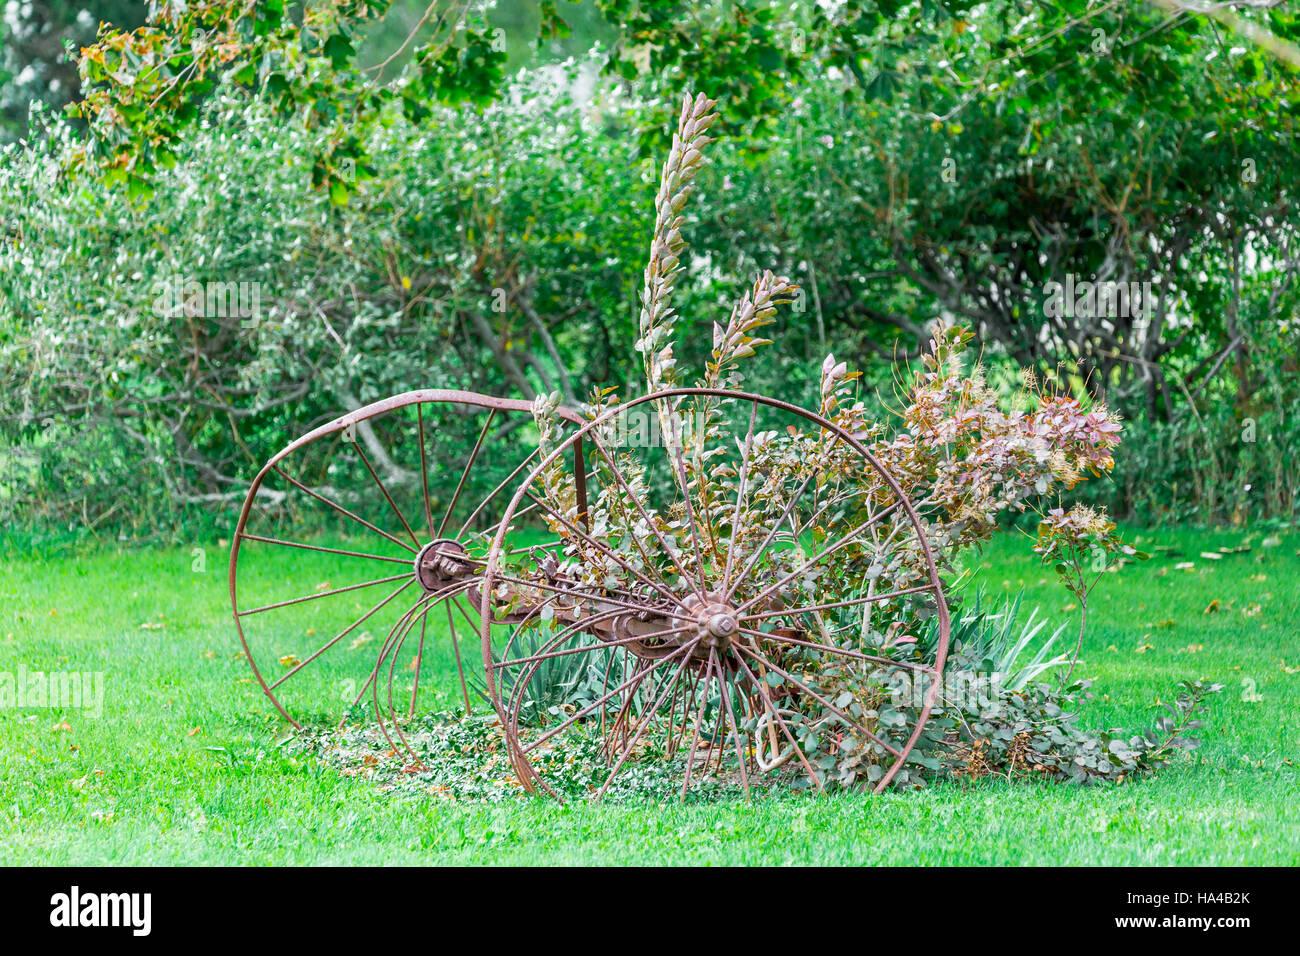 Mettre en œuvre l'agriculture anciens assis dans l'herbe avec les plantes croissant dans et autour d'elle. Photo Stock